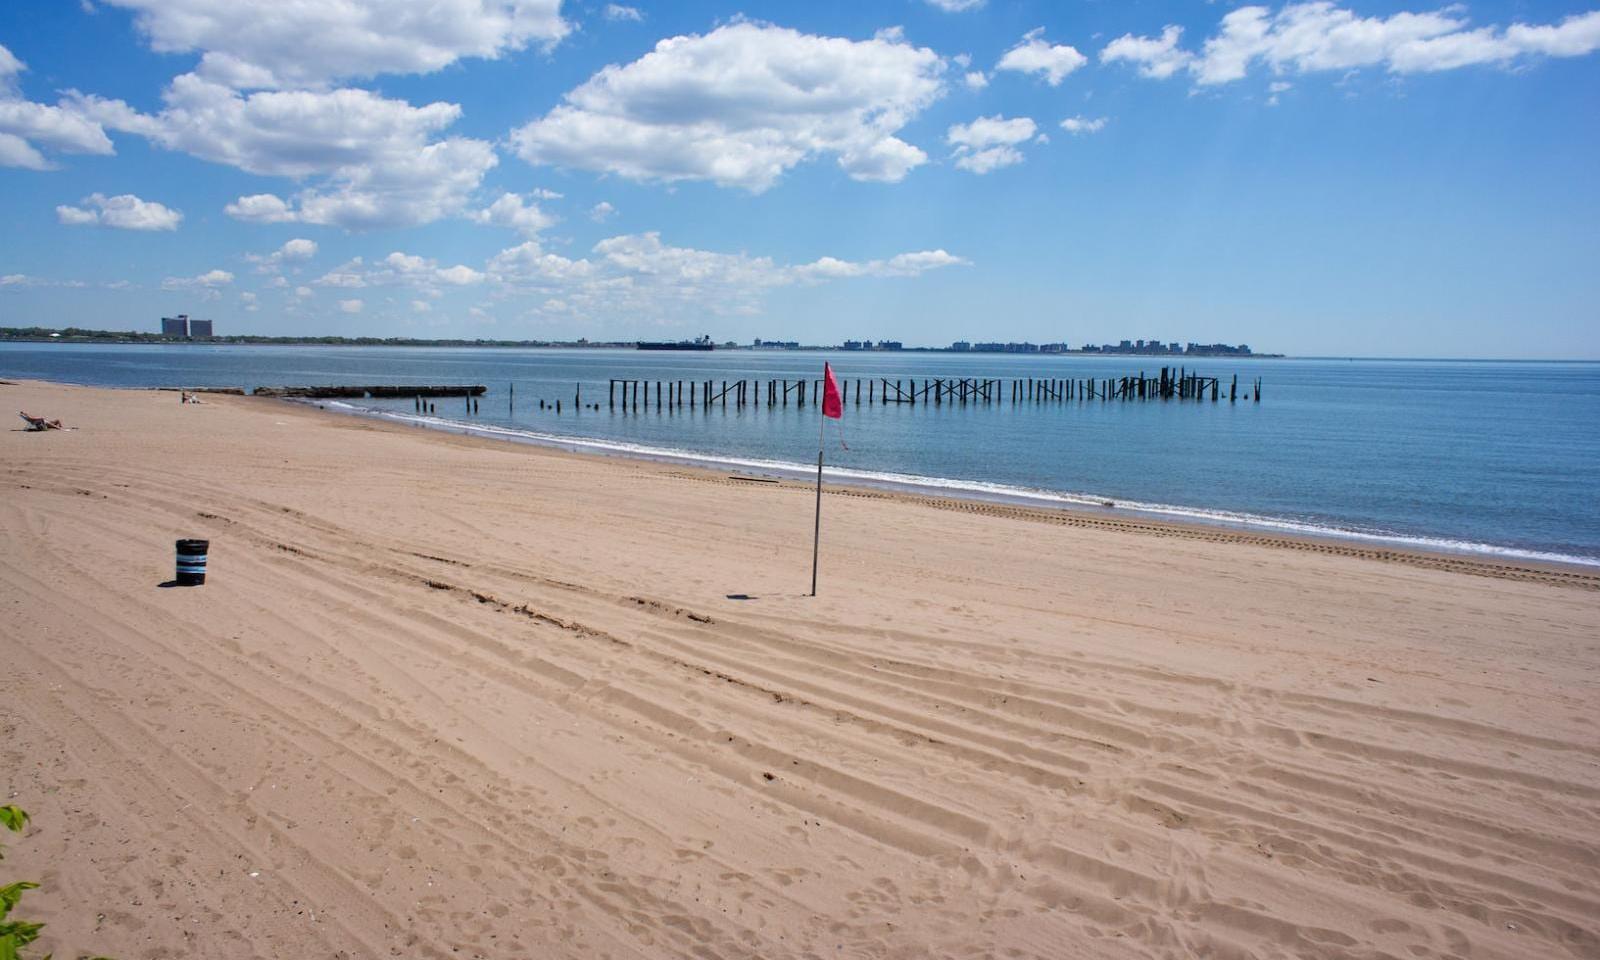 South Beach auf Staten Island / Bild: Scot Beale